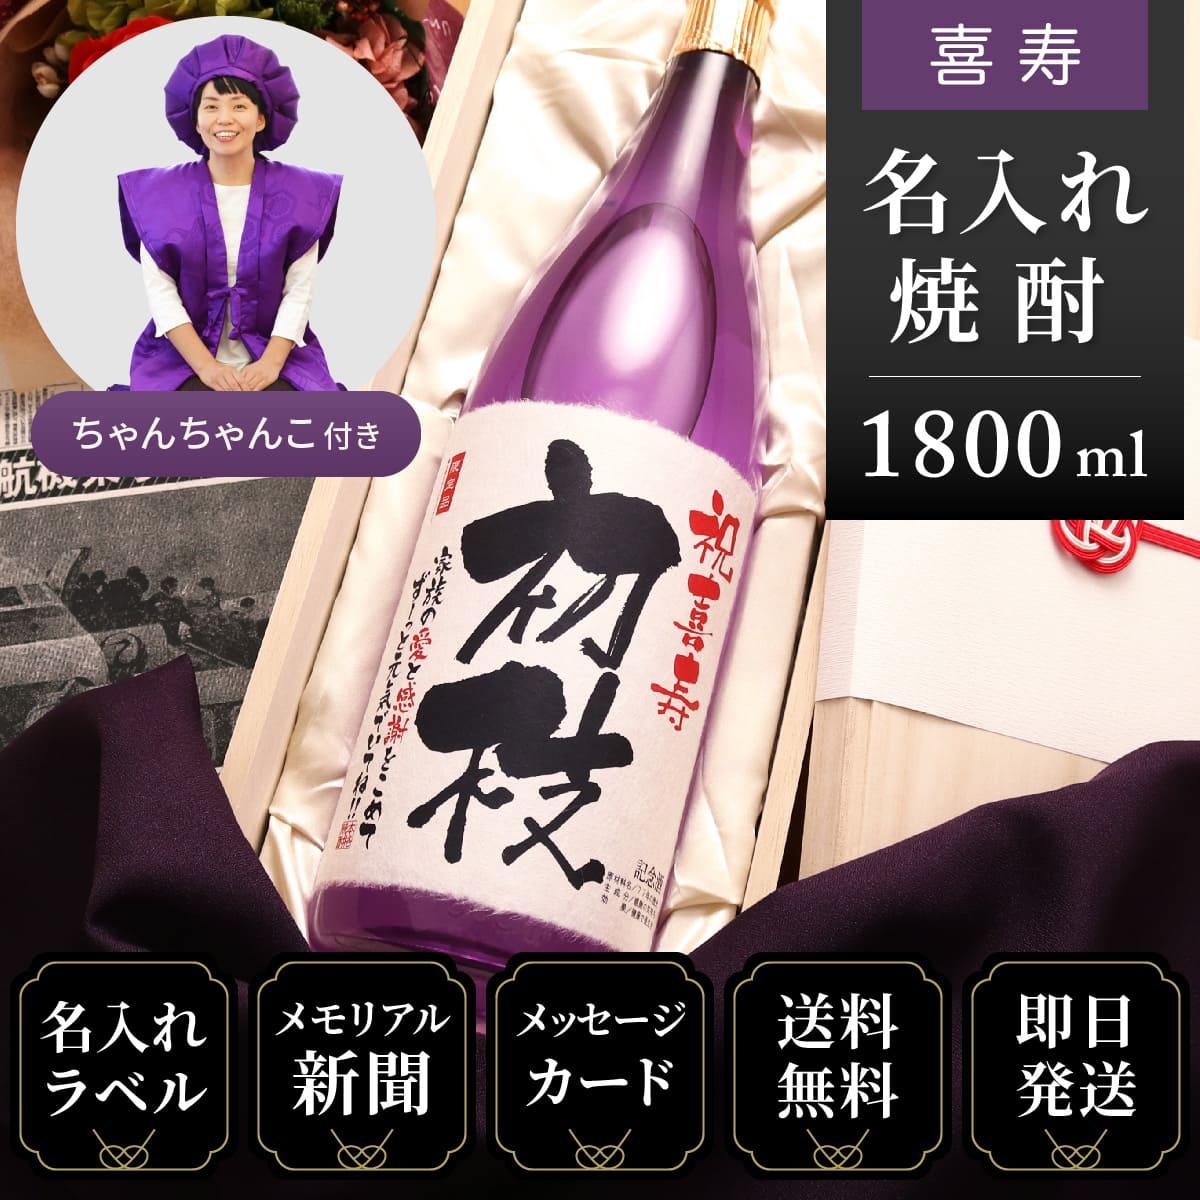 喜寿ちゃんちゃんこ(日本製)と紫瓶セット「華乃菫」1800ml(酒粕焼酎)